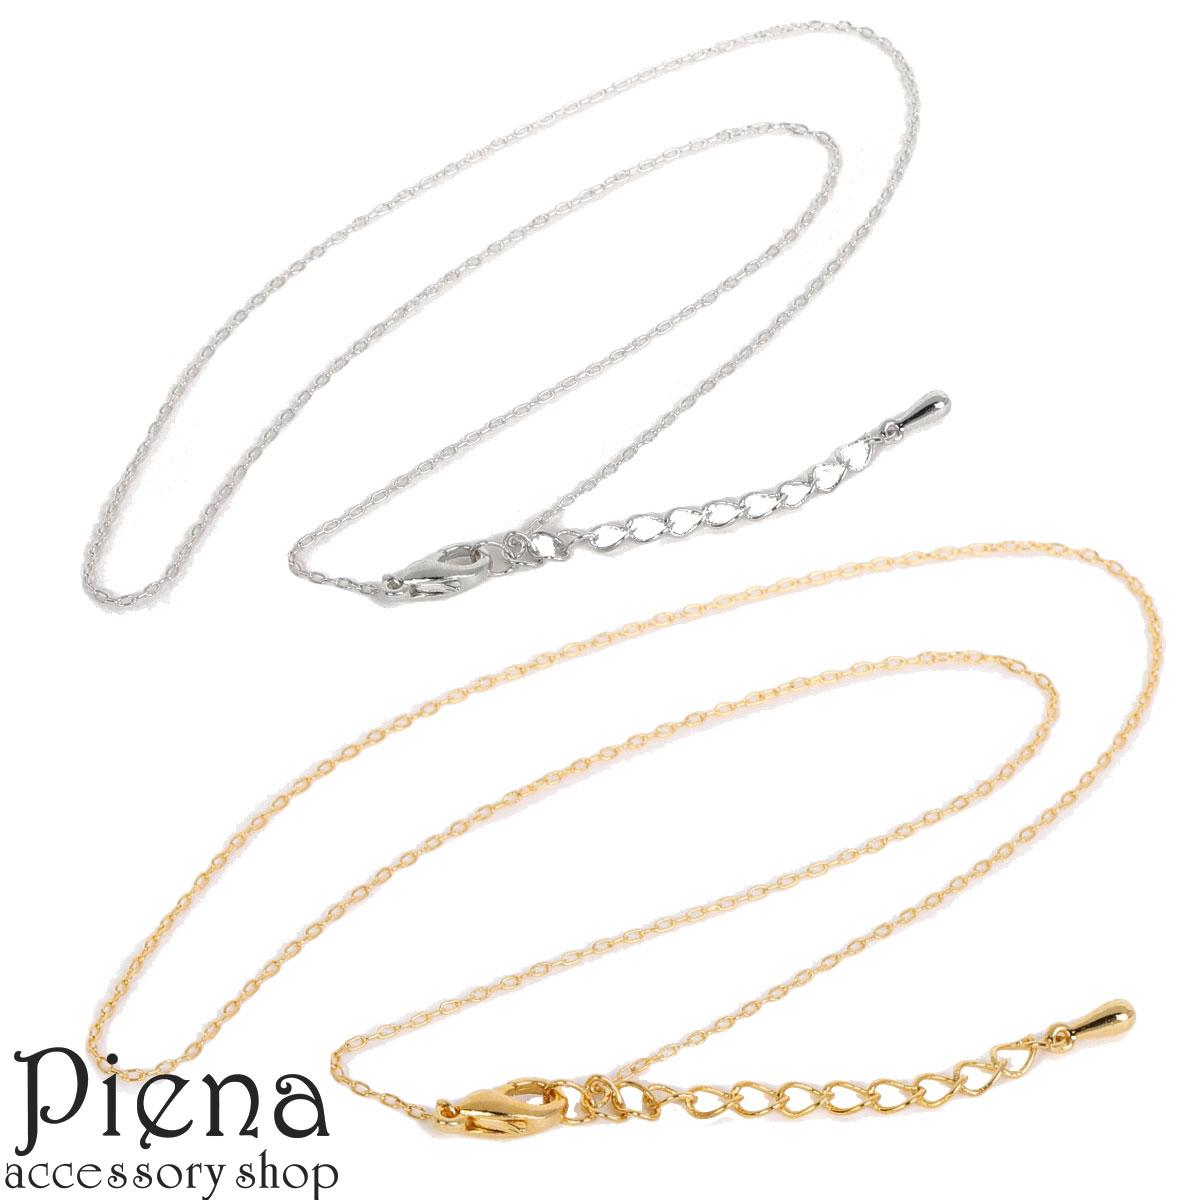 ネックレスチェーン レディース メンズ 真鍮製 アジャスター シルバー ゴールド チェーンのみ シンプル ハンドメイド プチプラ